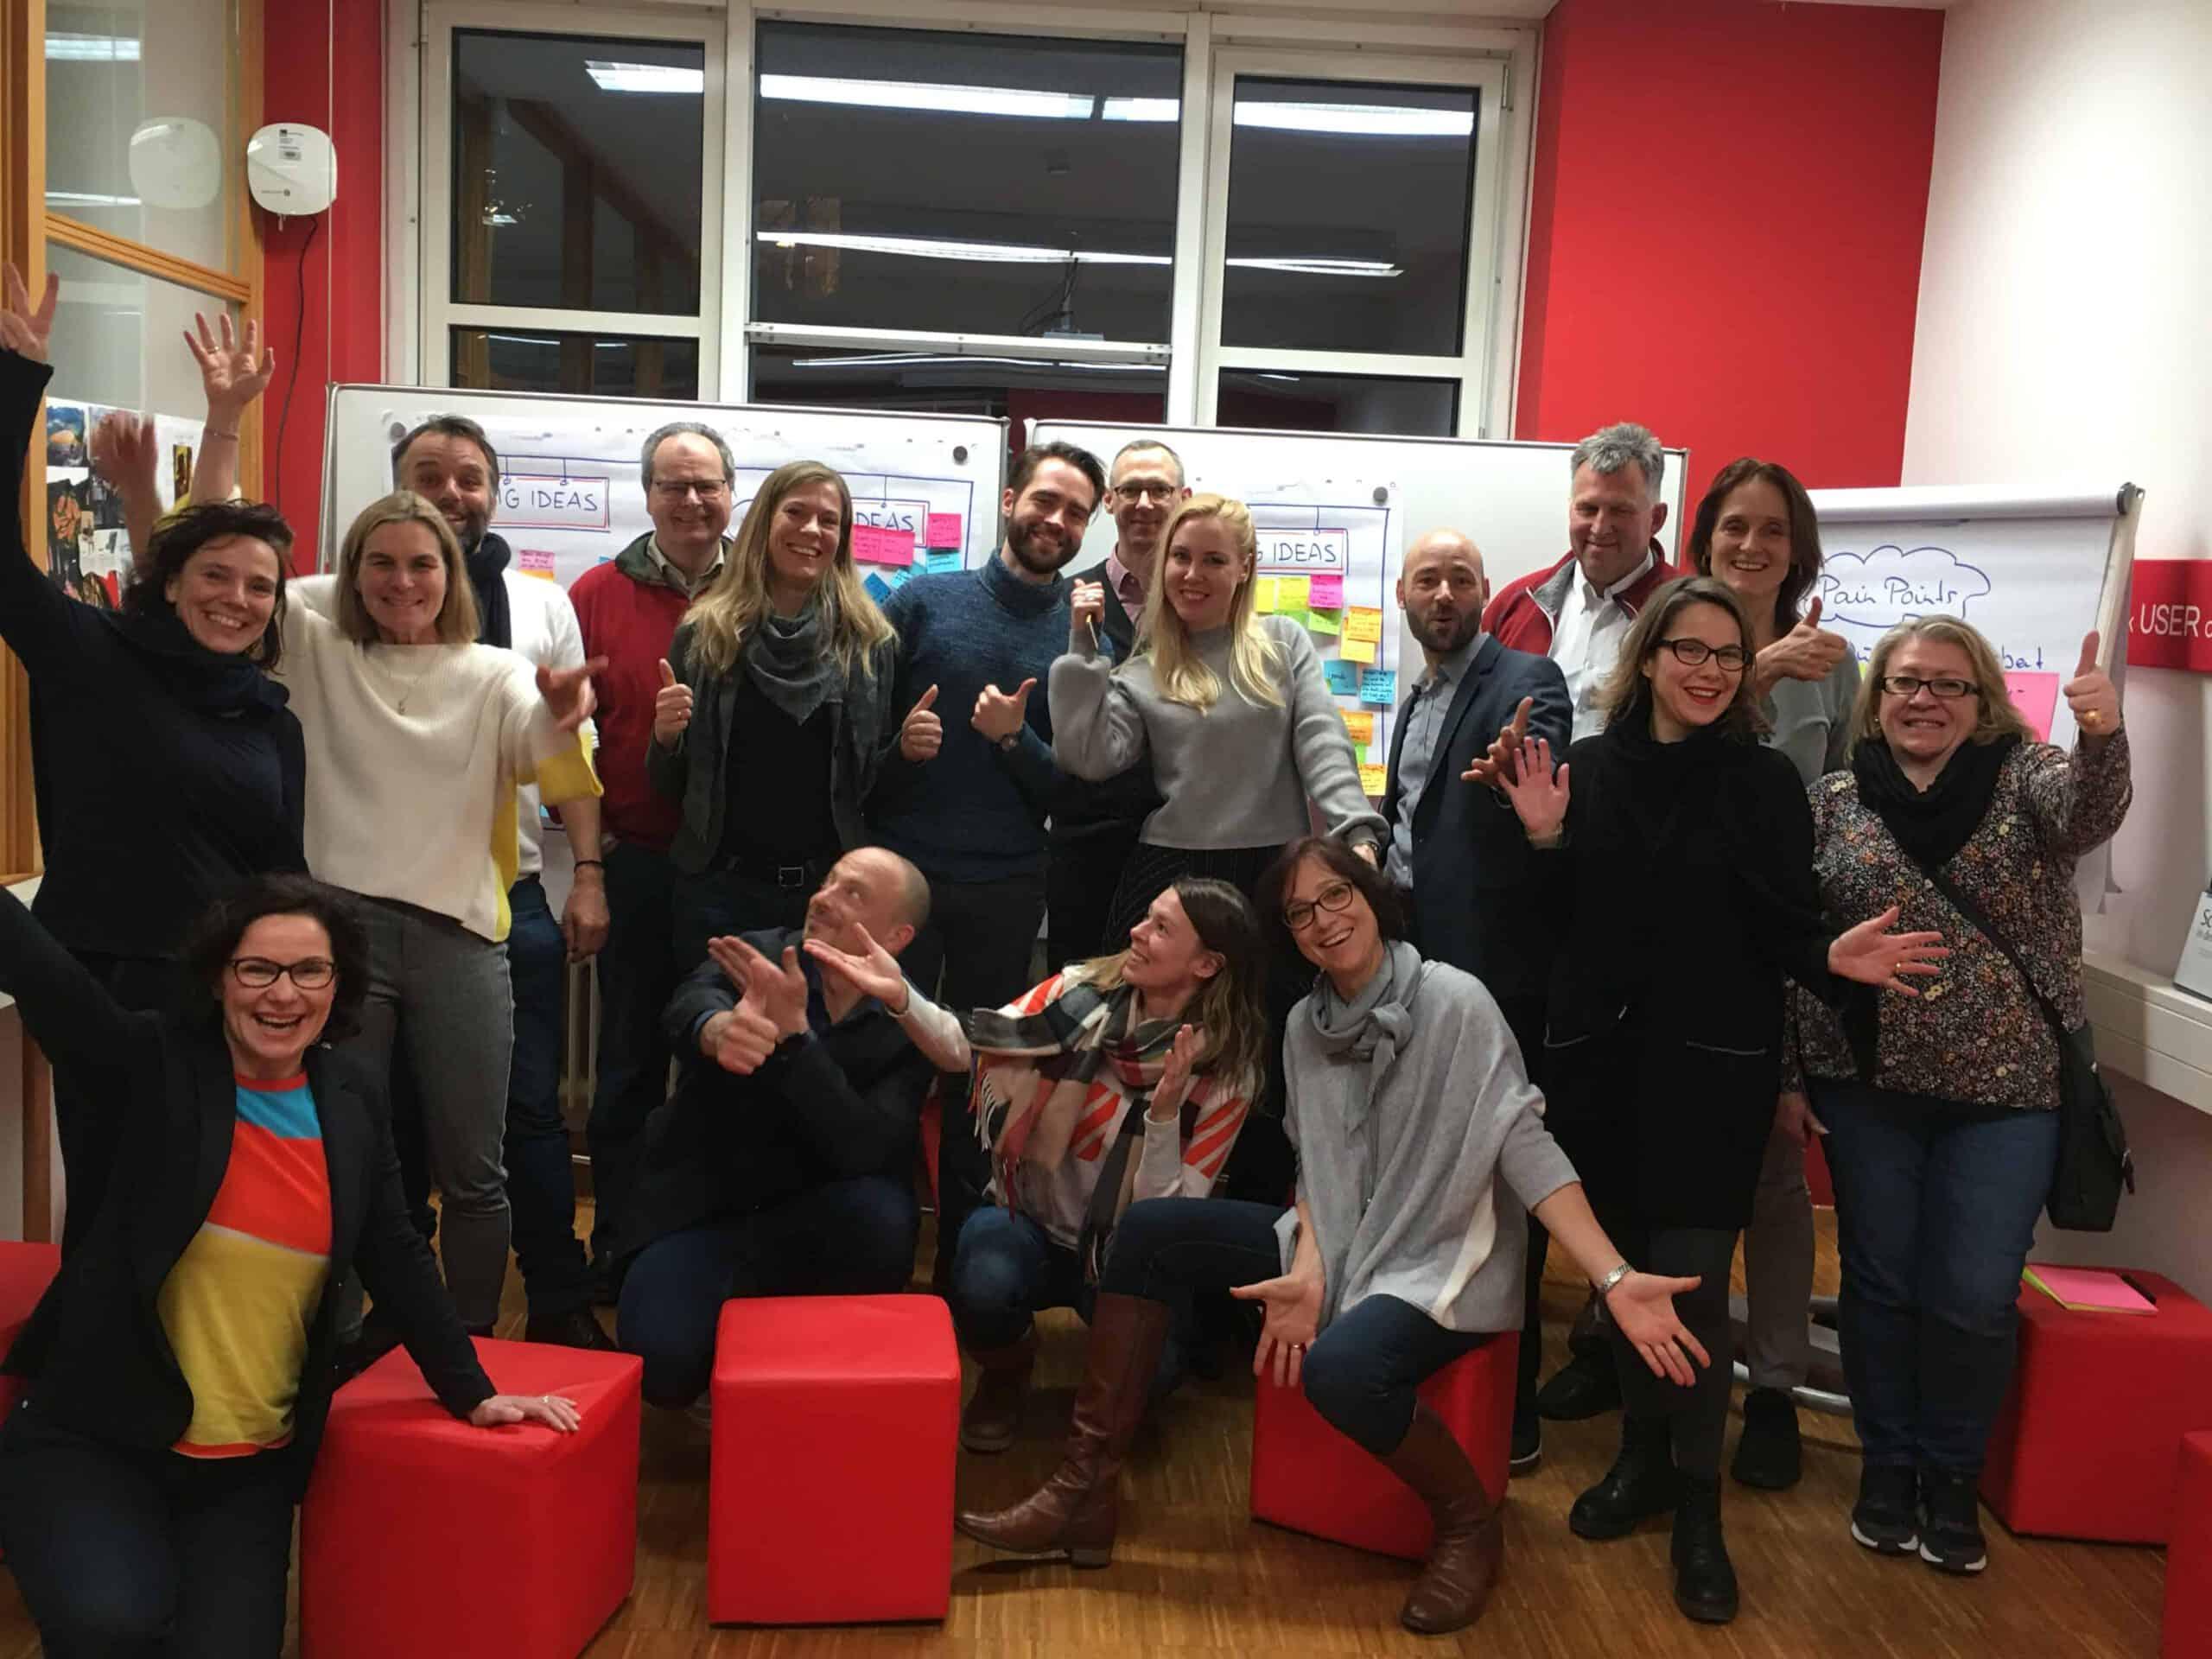 siebzehn glueckliche Design Thinking Netzwerktreffenteilnehmerinnen